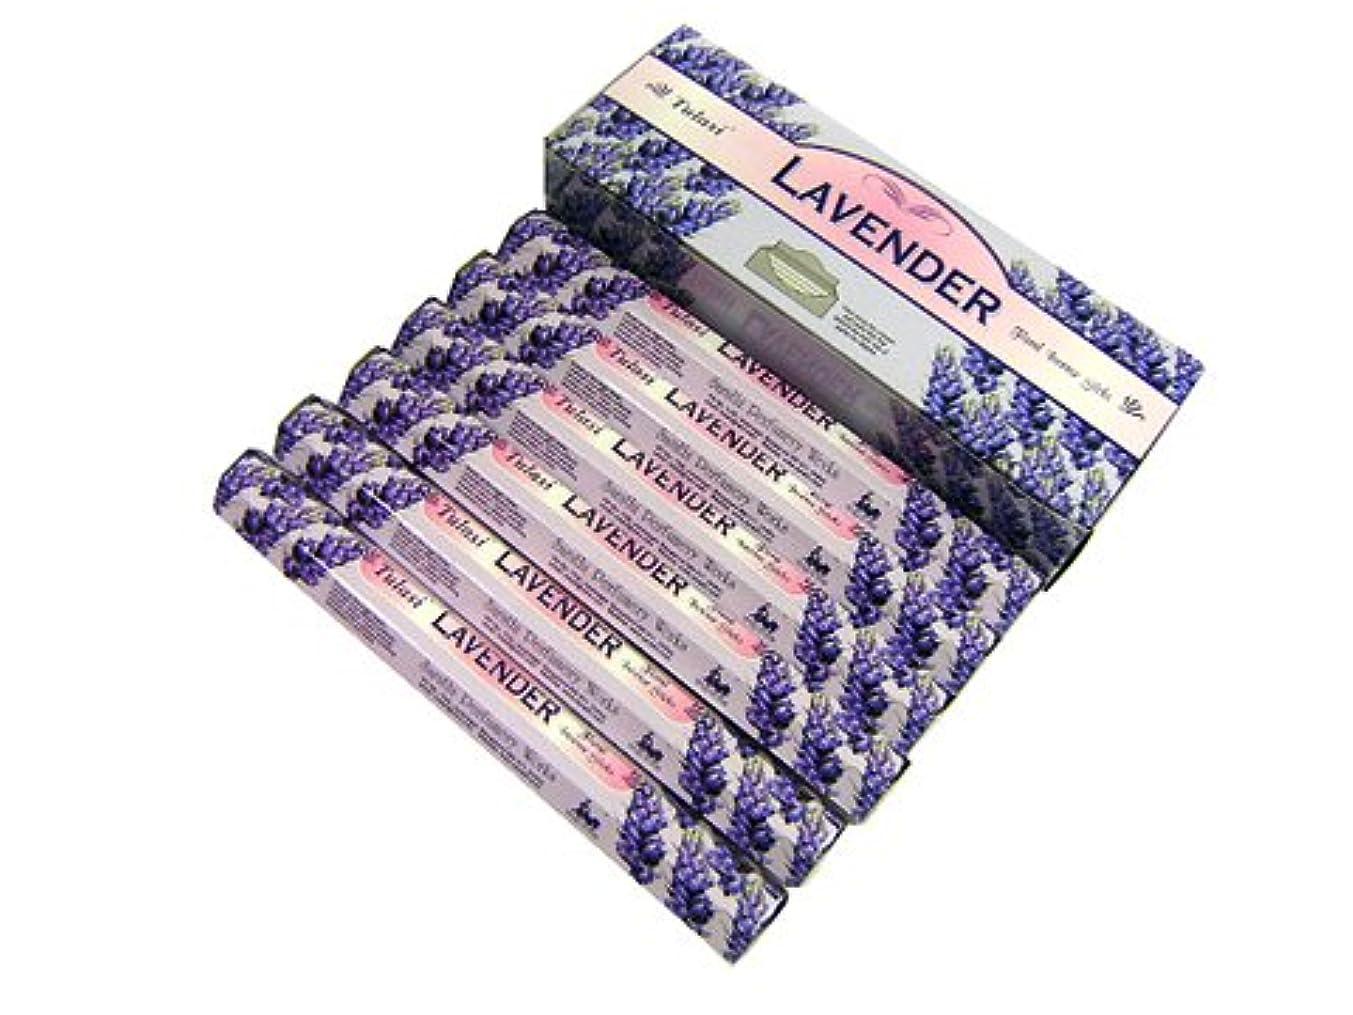 みすぼらしい喉が渇いた贈り物TULASI(トゥラシ) ラベンダー香 スティック LAVENDER 6箱セット